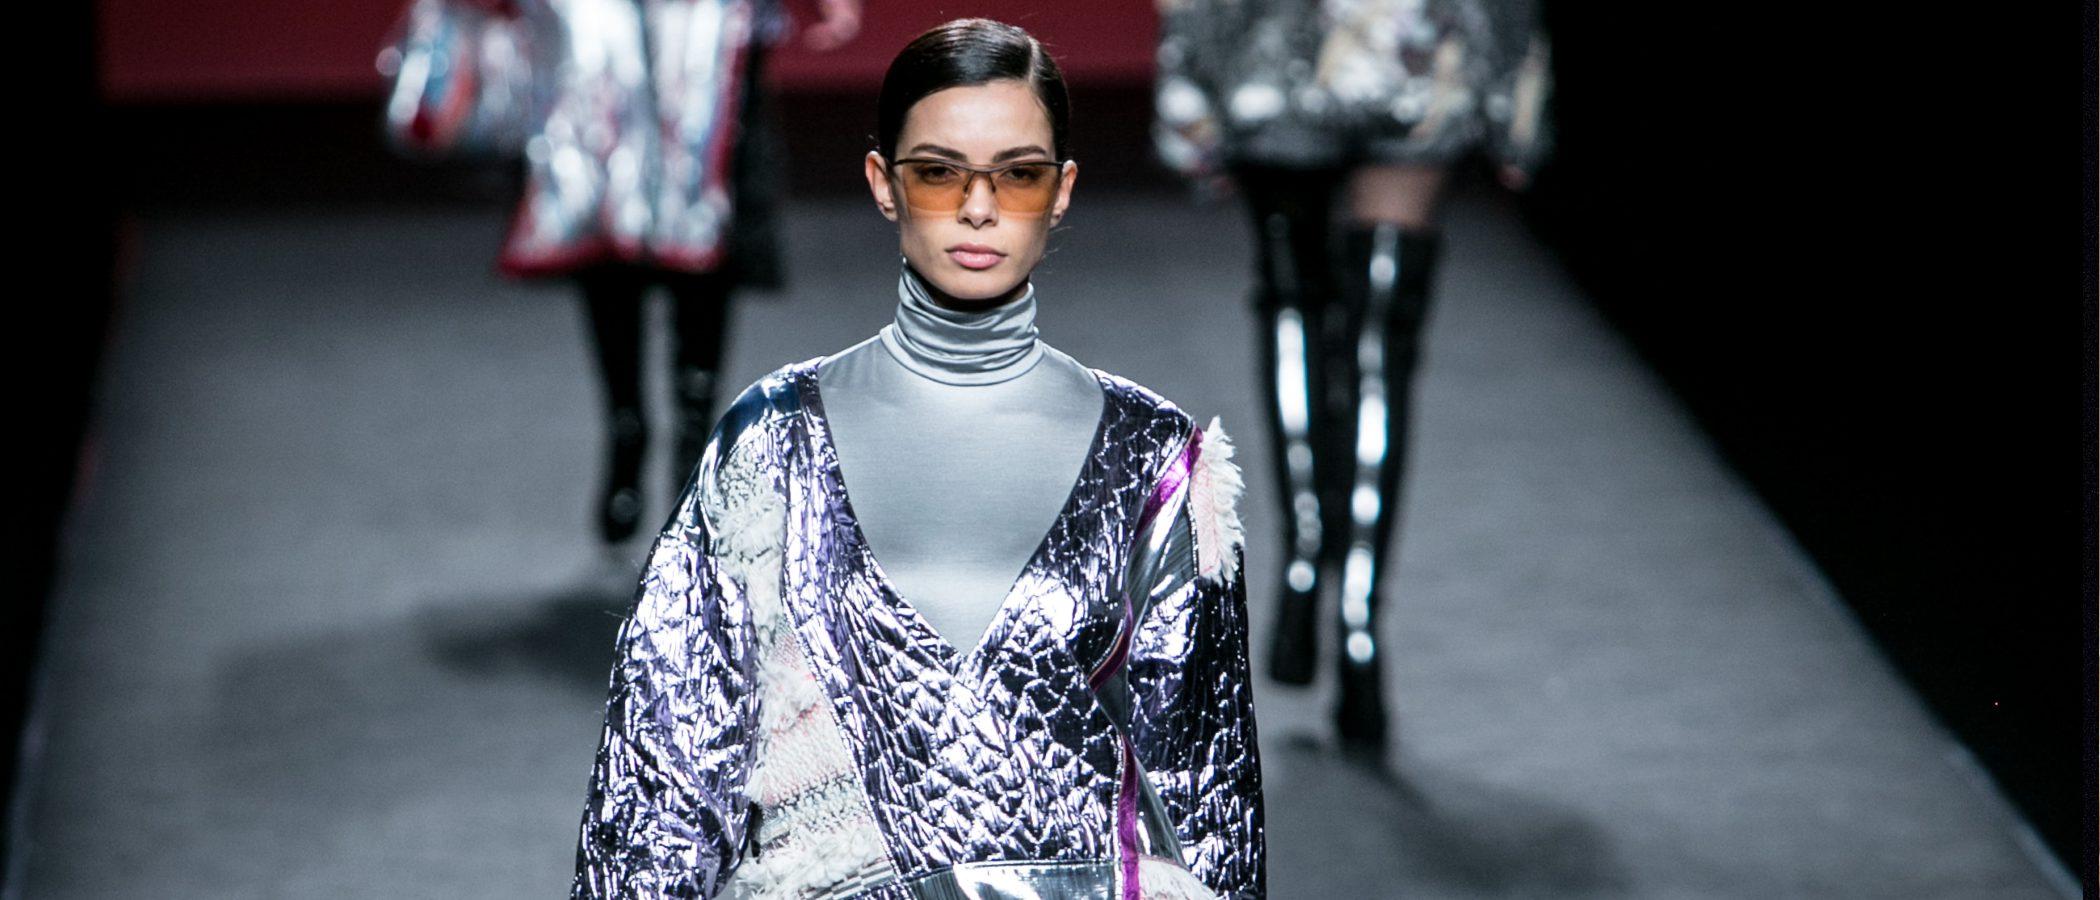 Custo Barcelona se estrena en la Madrid Fashion Week con una colección 'Total Light'